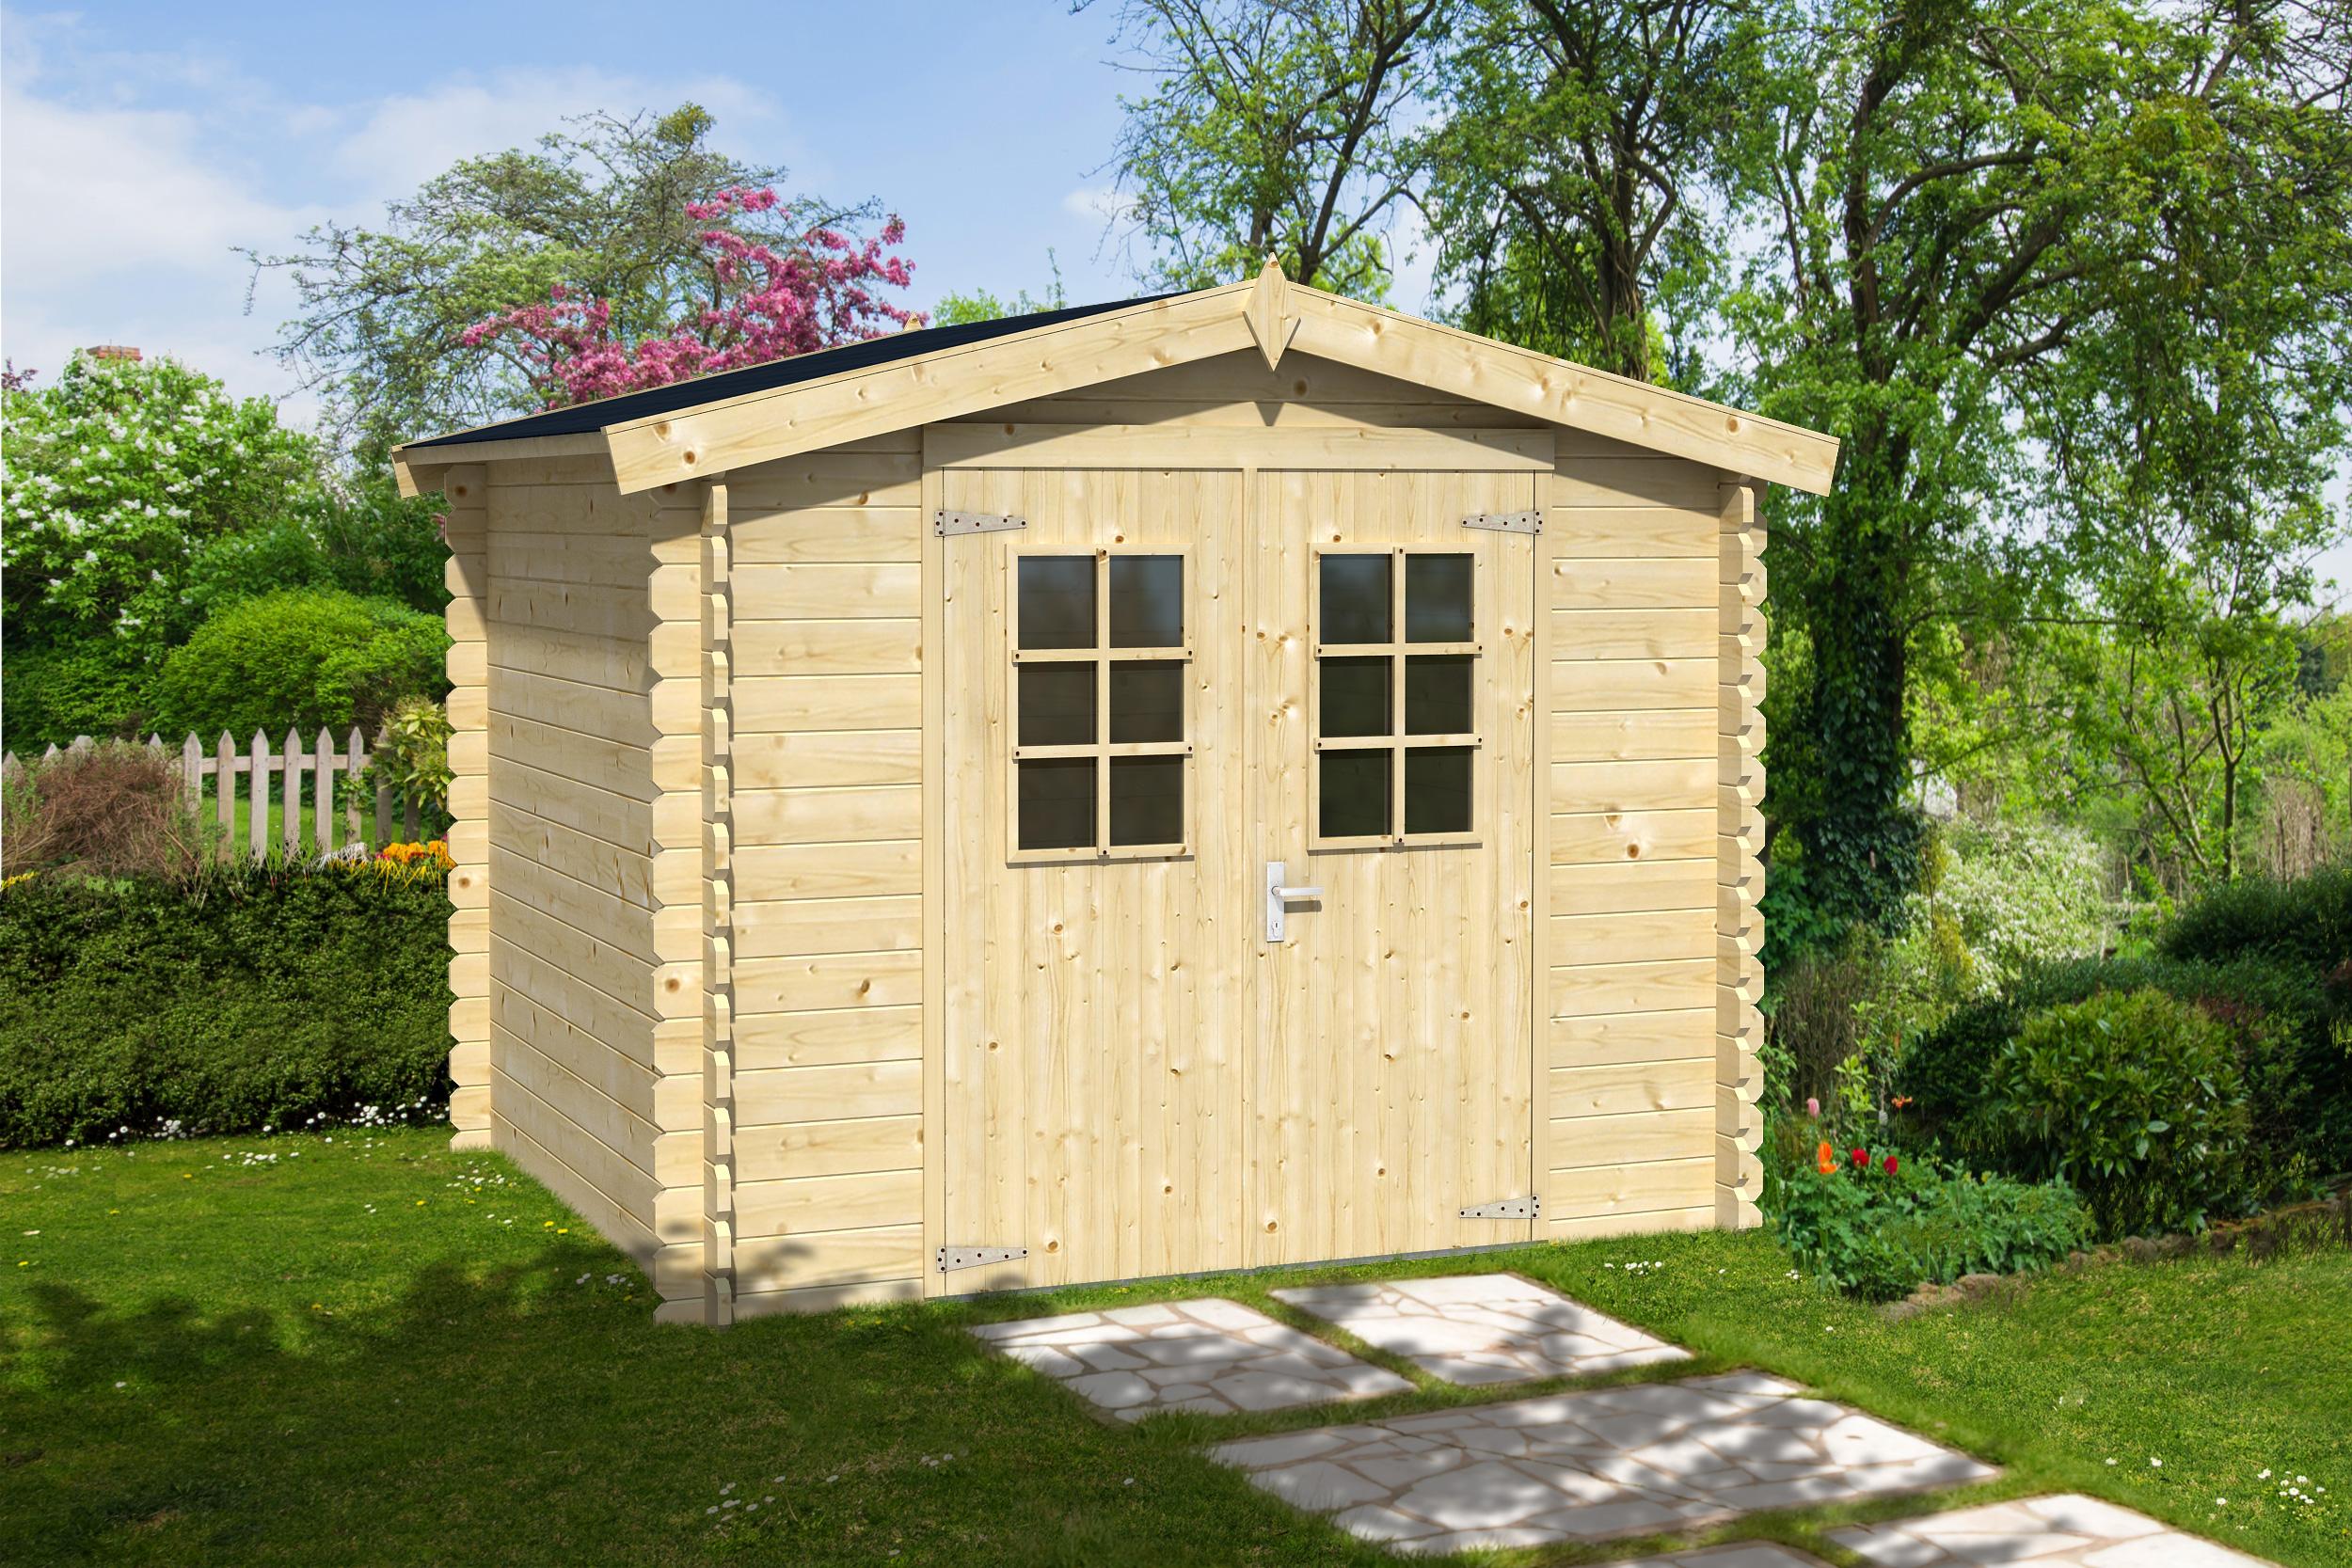 Cabane de jardin en bois bricorama - Mailleraye.fr jardin